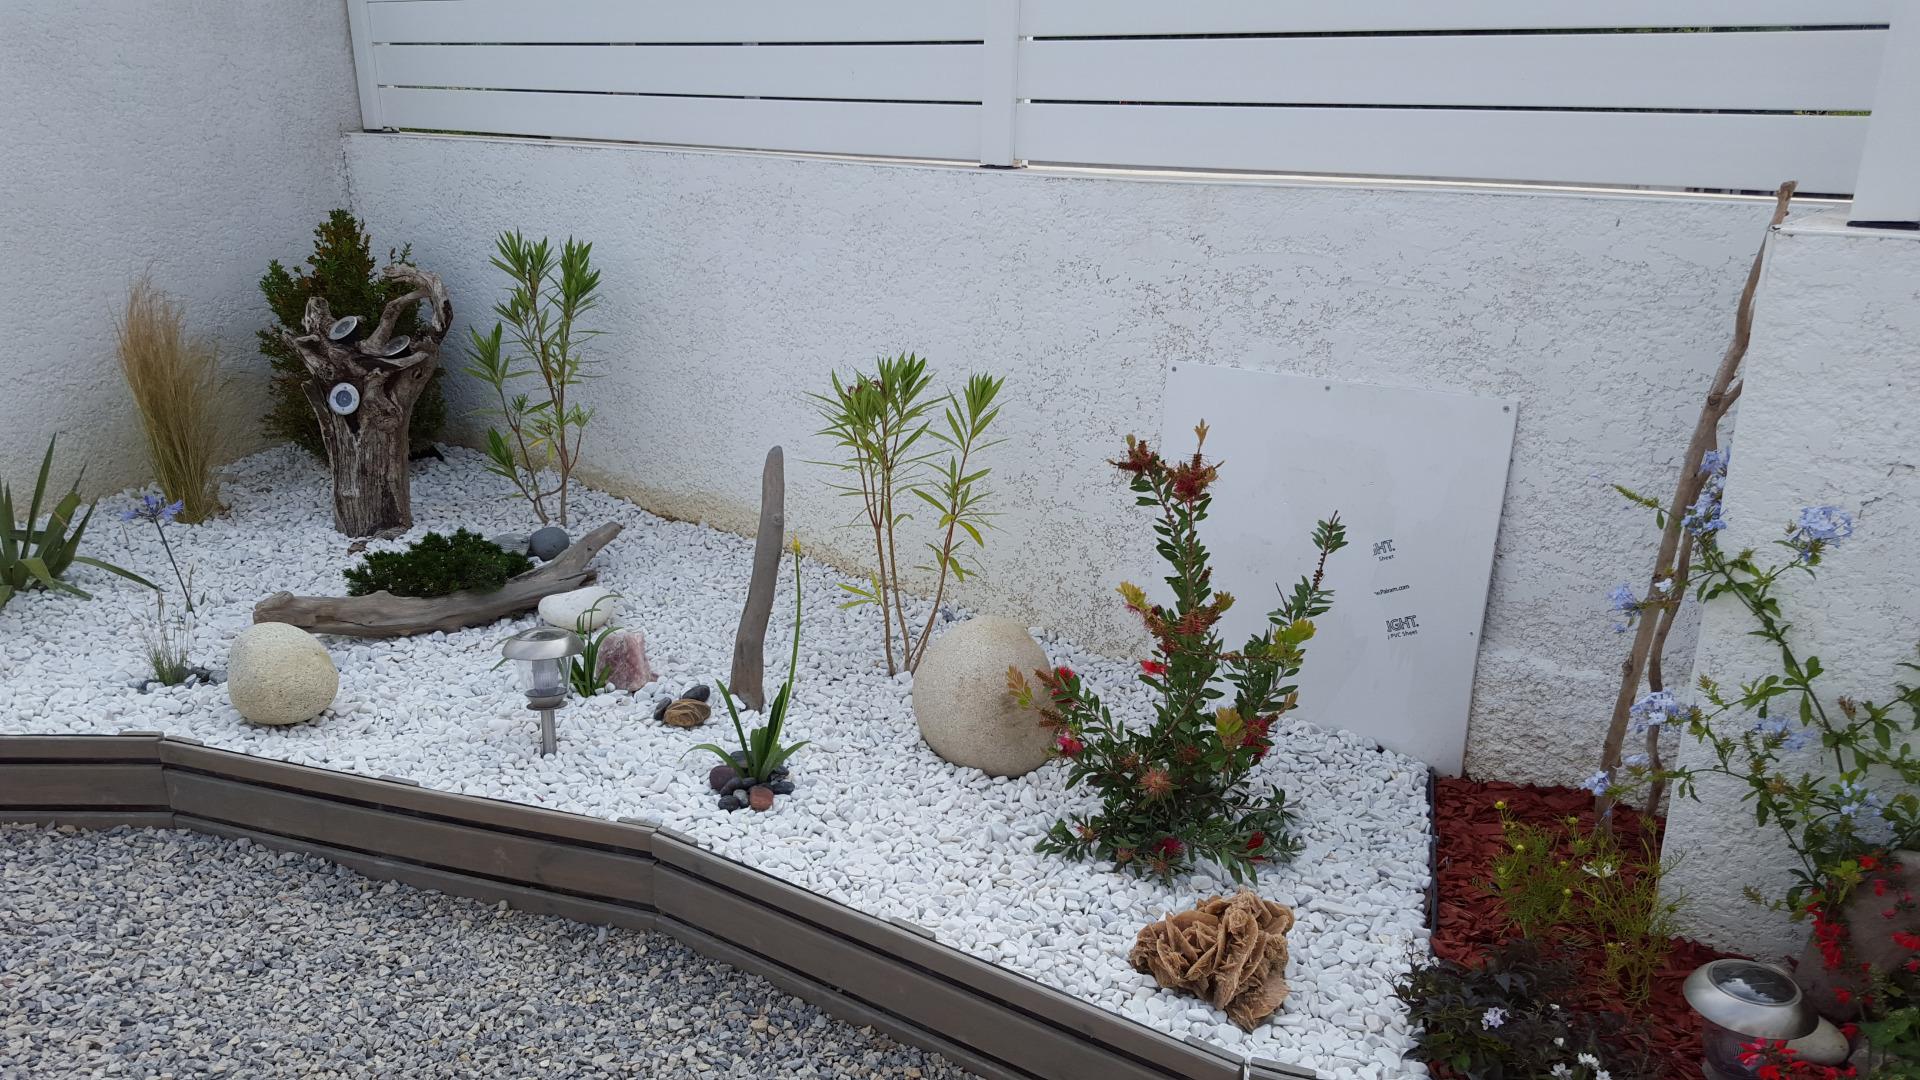 Chemin Des Canaux 30230 Bouillargues création d'un jardin sec: un beau jardin avec peu d'entretien.